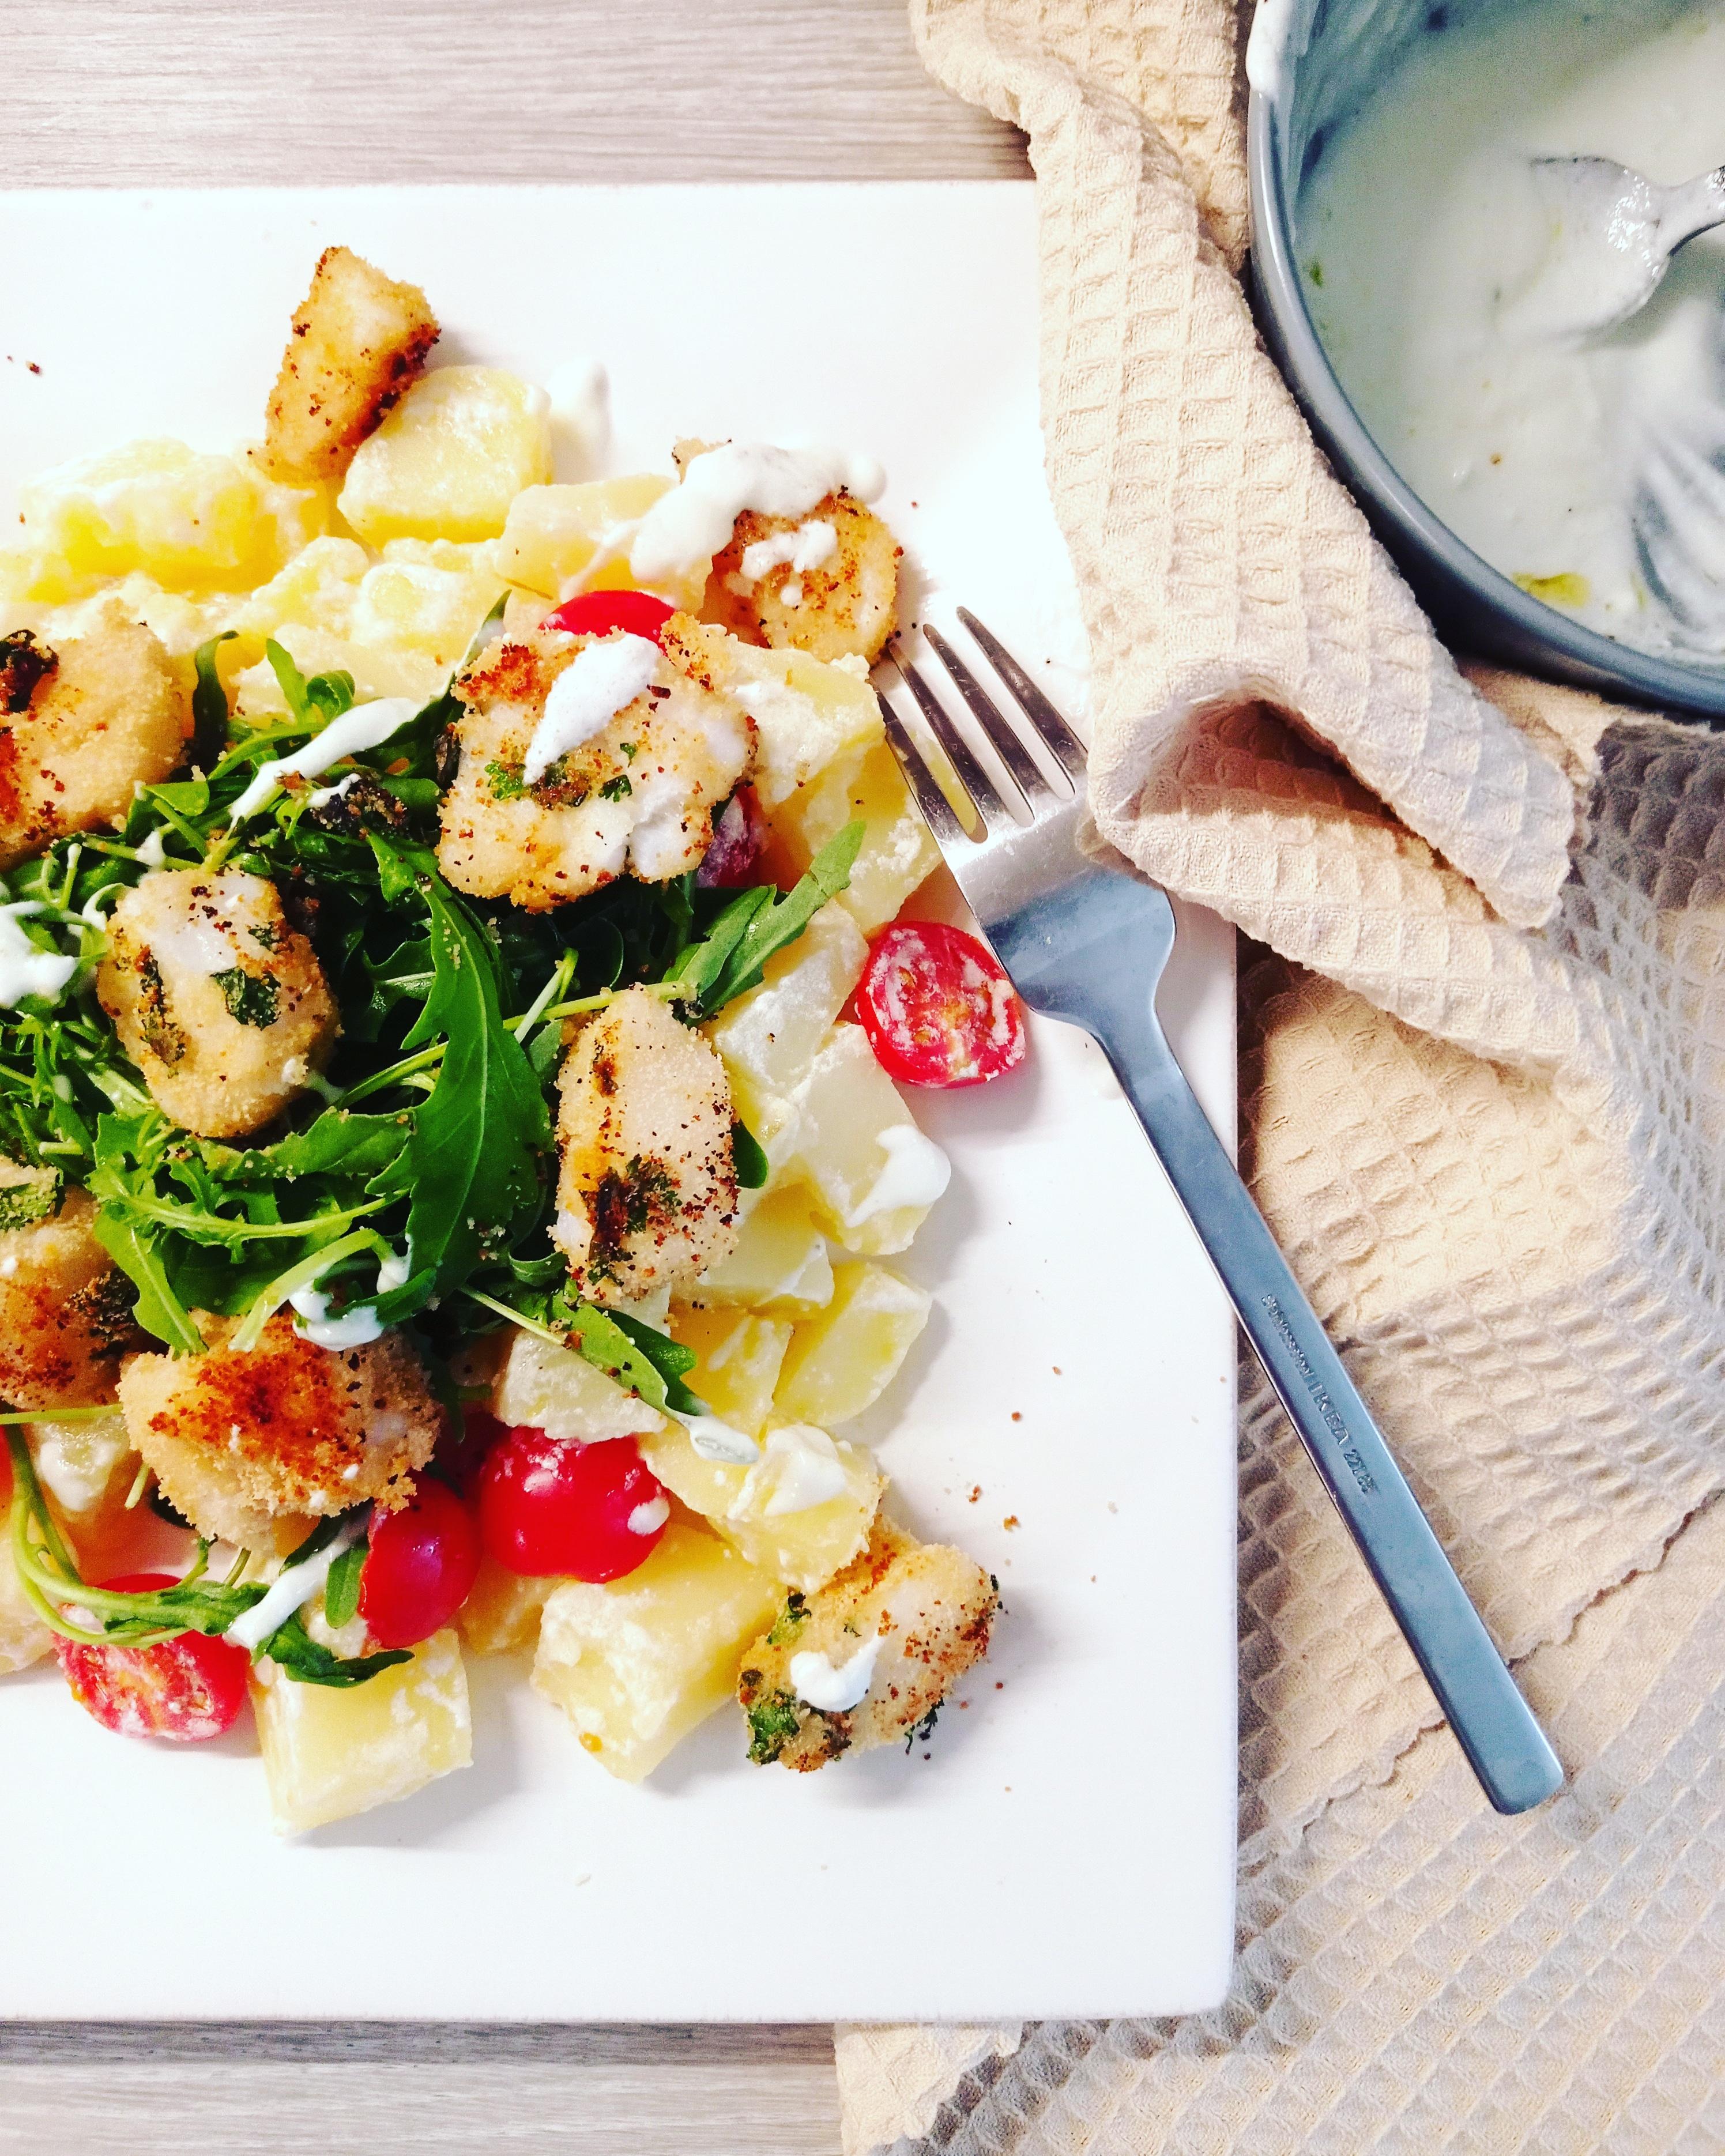 cabillaud pané à la coriandre et salade méditerranéenne Kitchendaily